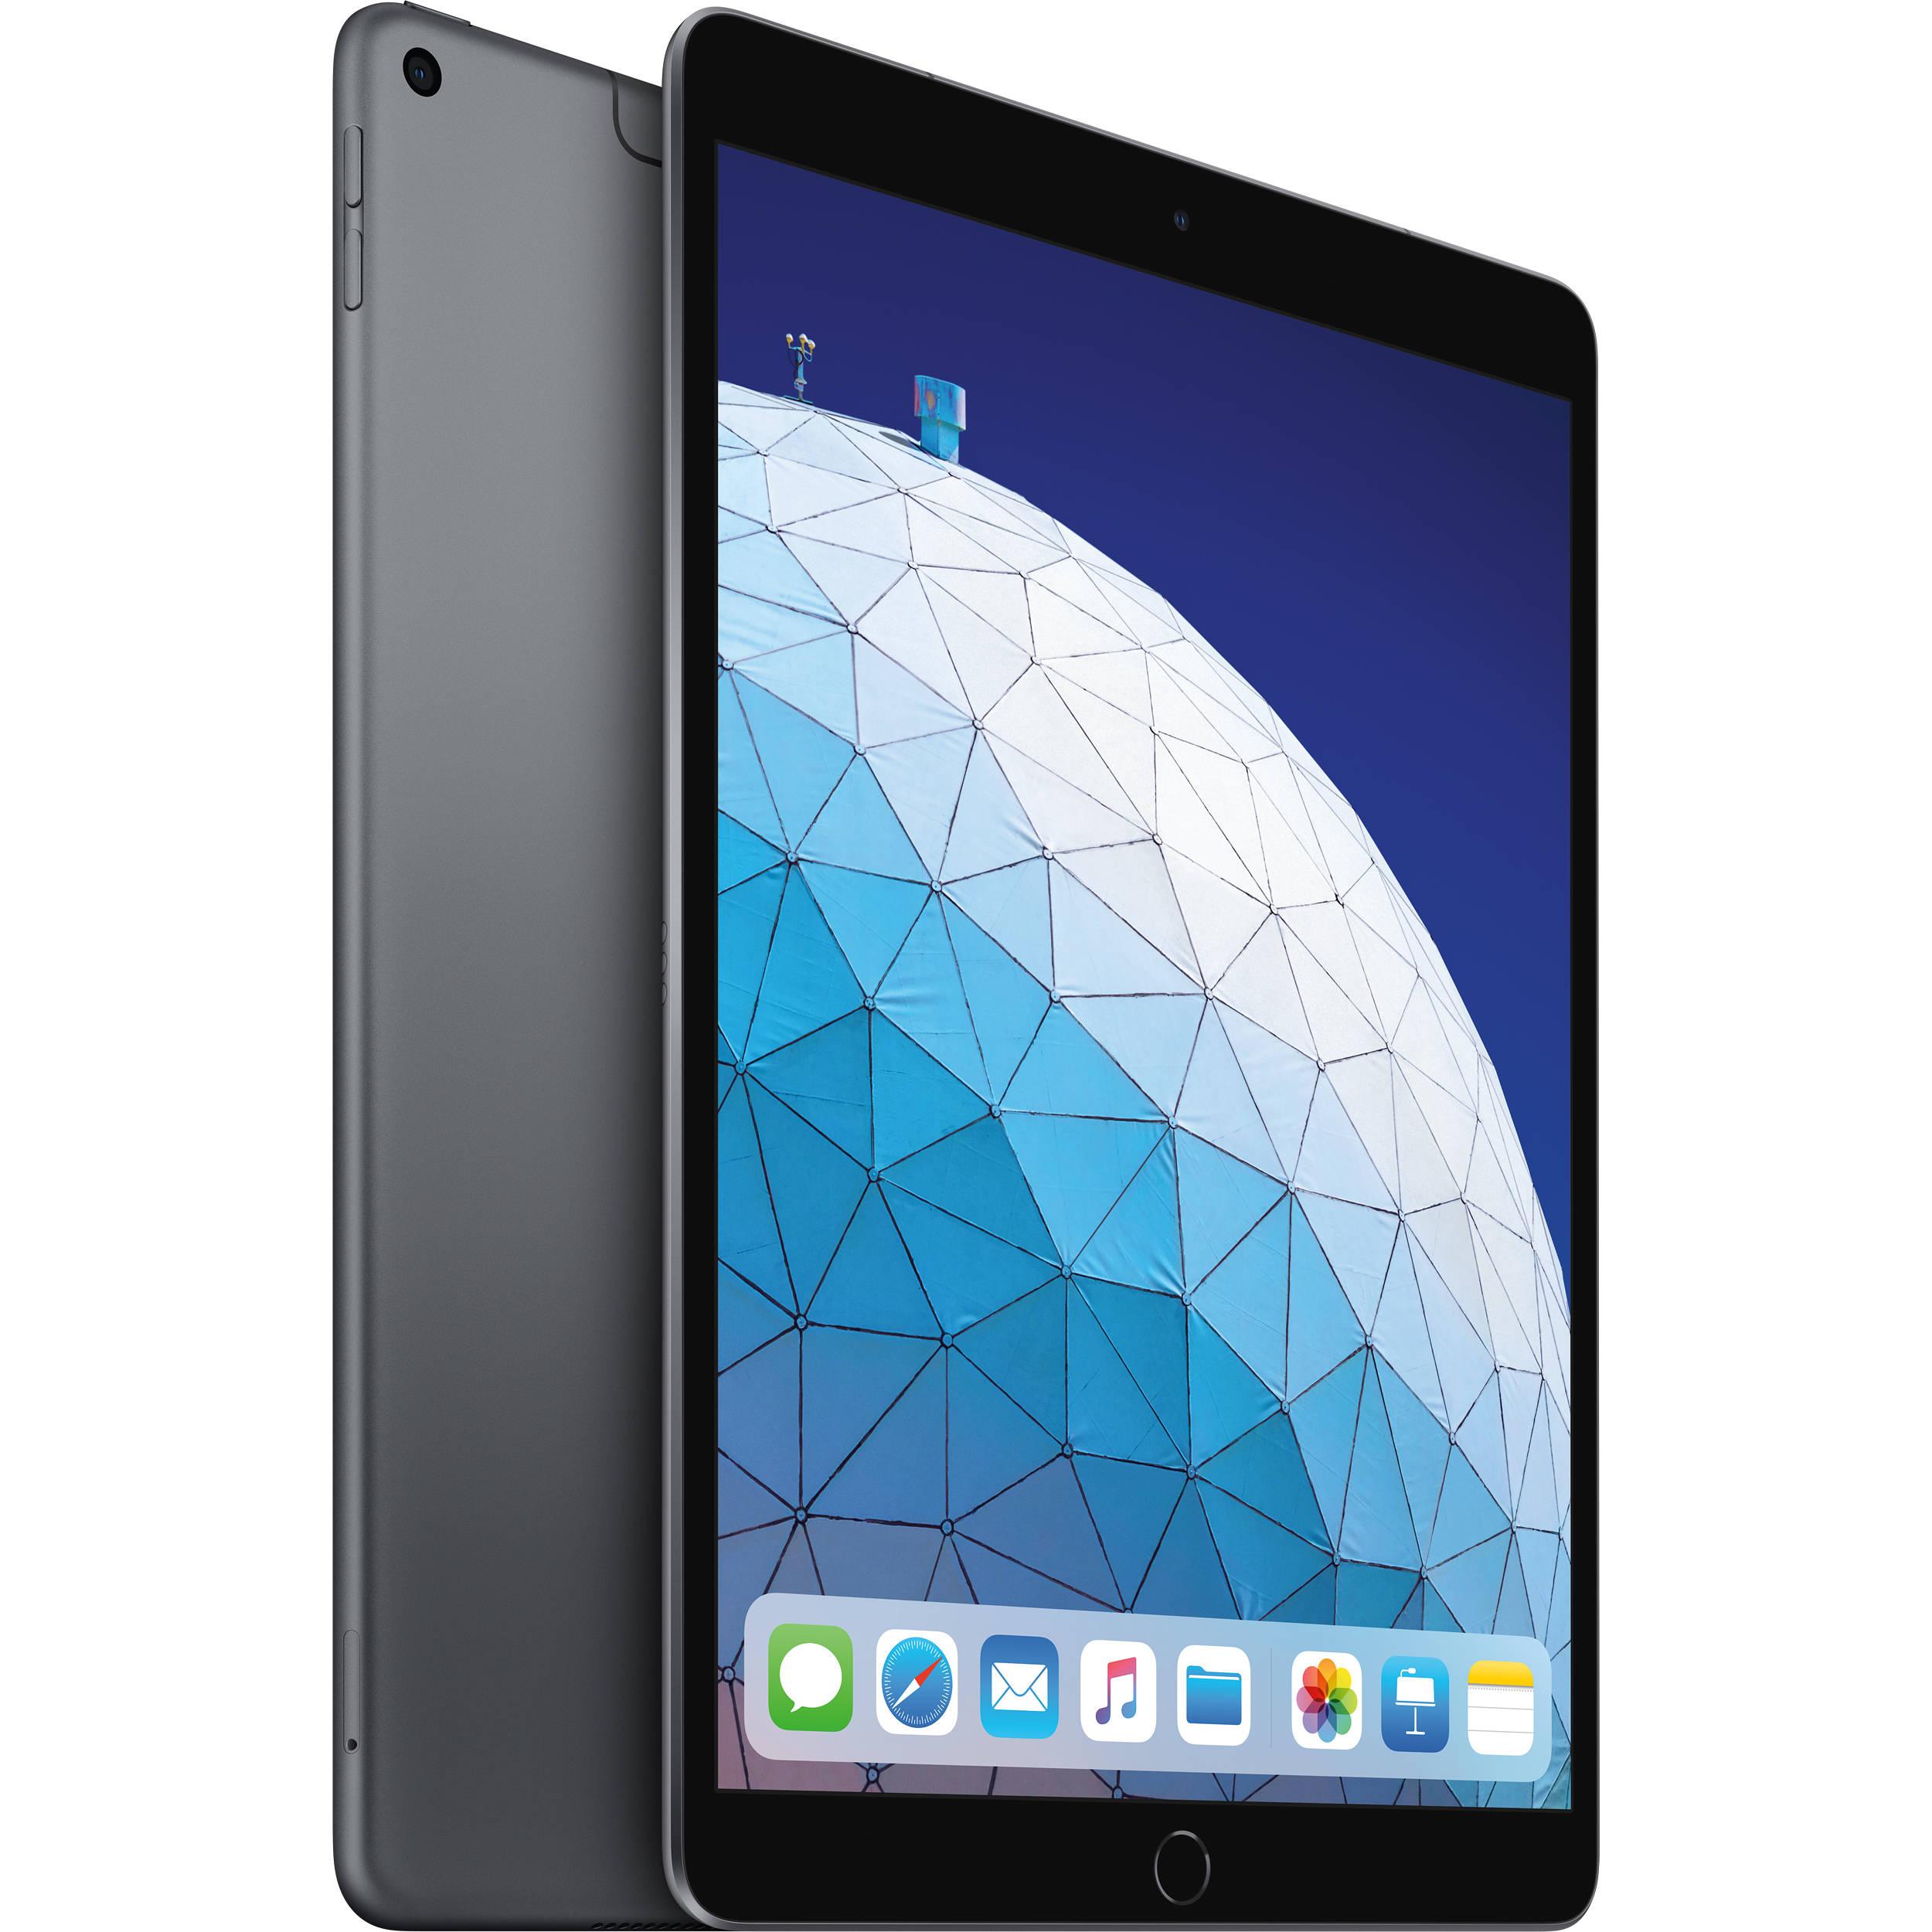 Ipad Air Wi-Fi,GB 3GB RAM,64GB ROM